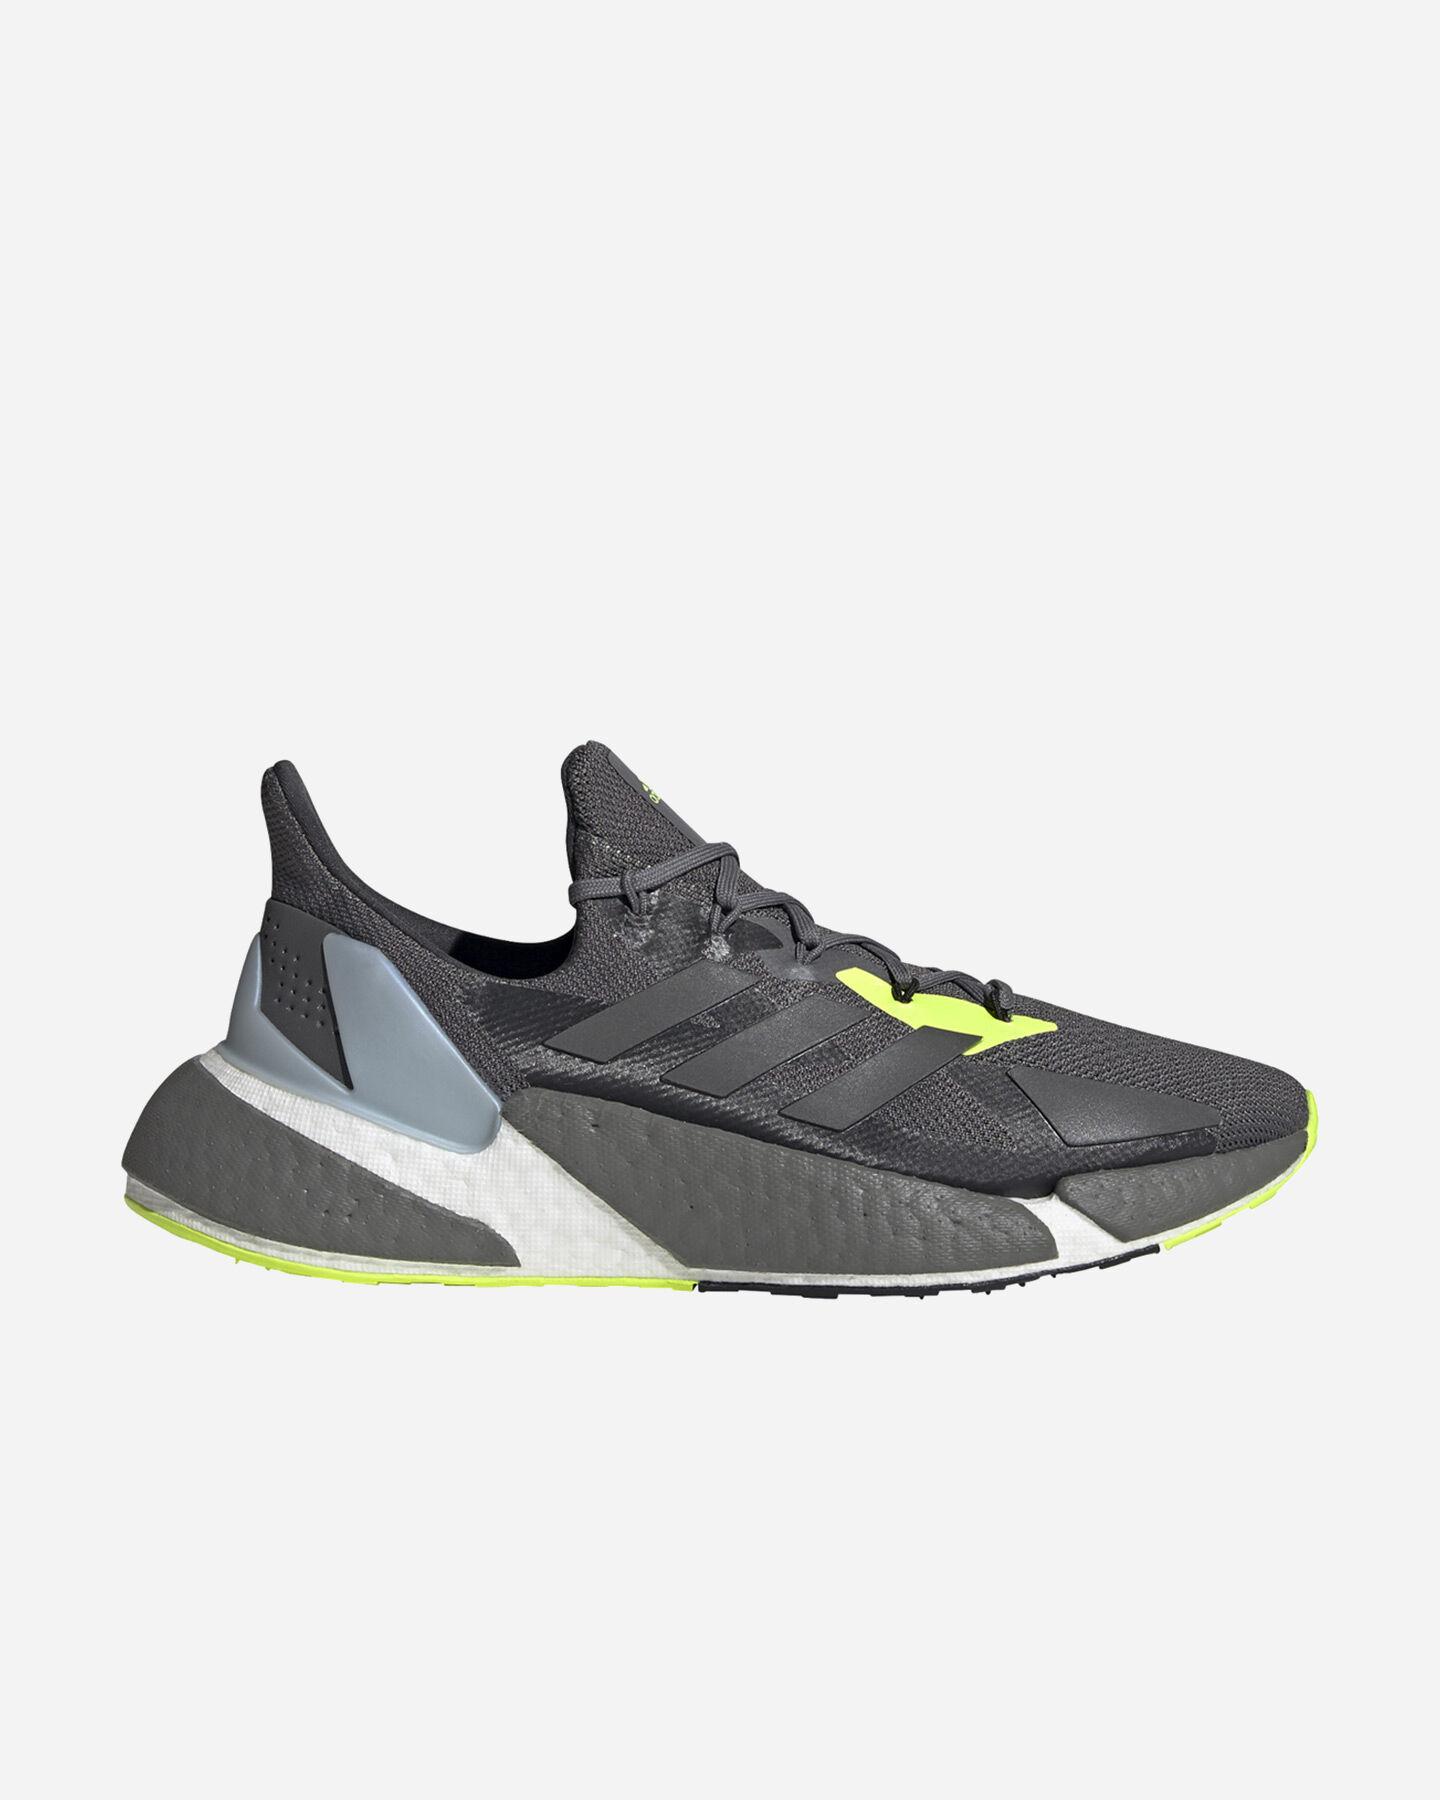 Scarpe sneakers ADIDAS X9000L4 M S5277517 scatto 0